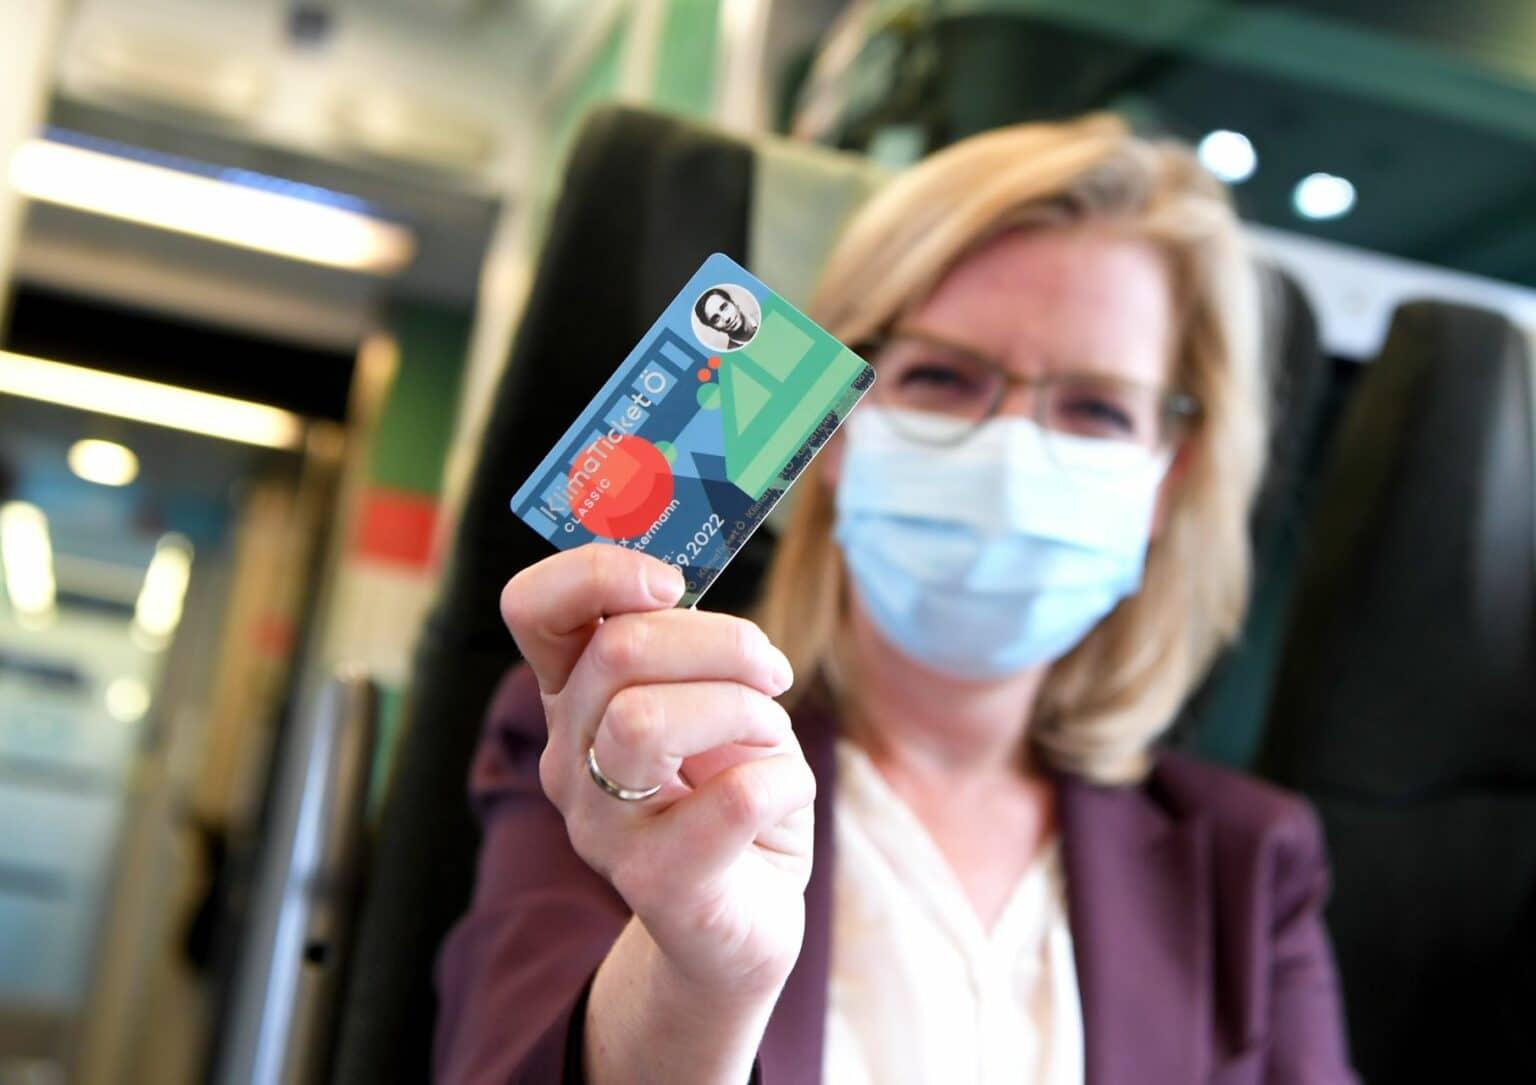 Eine Frau sitzt in einem Zug und hält ihr Zugticket in die Kamera